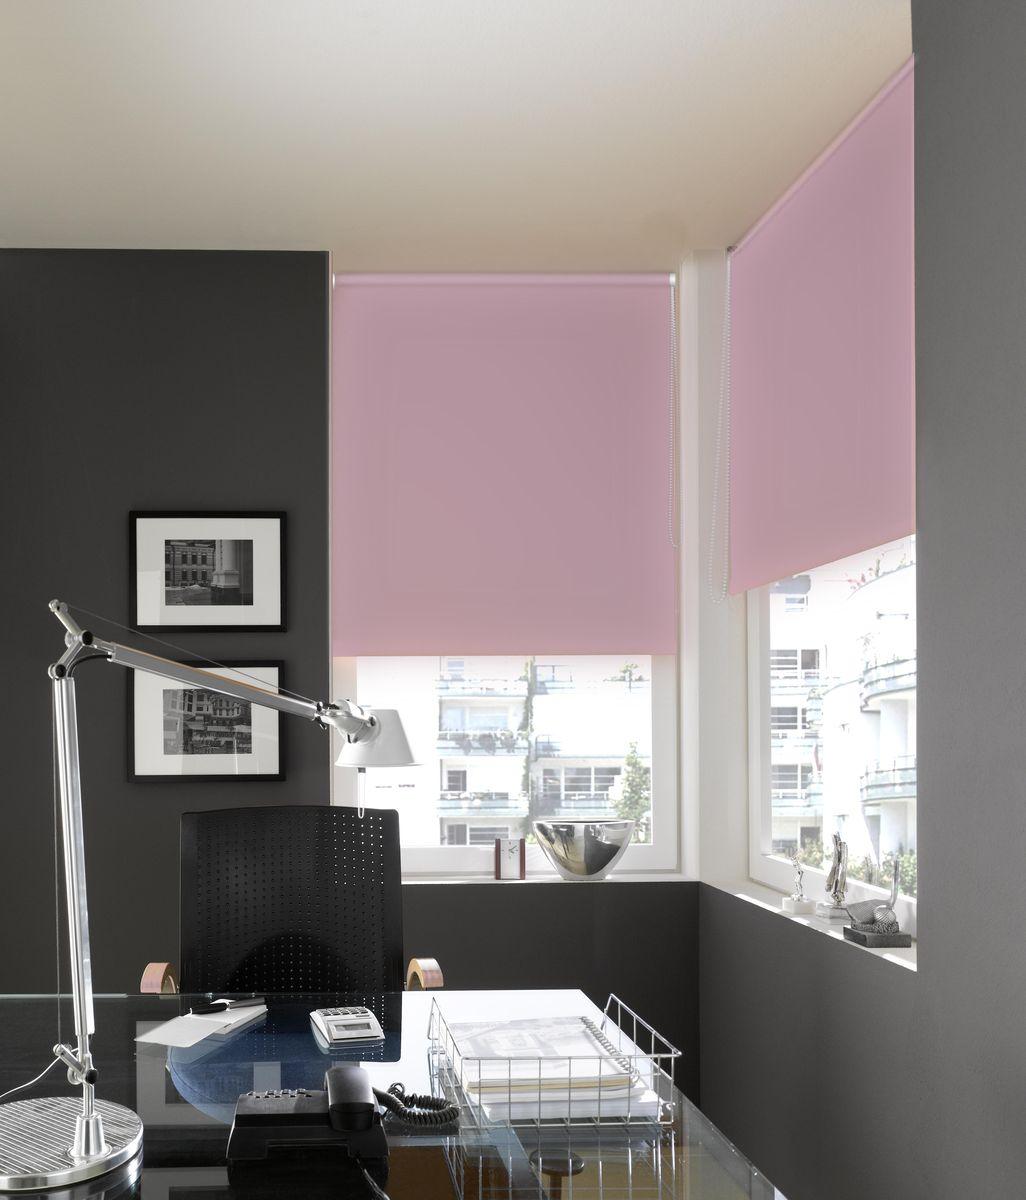 Штора рулонная Эскар Миниролло. Blackout, светонепроницаемая, цвет: розовый кварц, ширина 115 см, высота 170 см34933115170Рулонные шторы, не пропускающие солнечный свет, изготовляются из полностью светонепроницаемого материала блэкаут. Это свойство обеспечивается структурой ткани и специальными вплетенными нитями, удерживающими проникновение света. Шторы, обладающие свойством светонепроницаемости, находят широкое применение в различных сферах. Они используются в кинотеатрах, фотолабораториях и других подобных помещениях, где необходимо абсолютное затемнение. В быту такие занавеси применяются для снижения уровня освещенности детских комнат.Основу готовых штор составляет тканевое полотно, которое при открывании наматывается на вал, закрепленный в верхней части окна. Для удобства управления и ровного натяжения полотна снизу оно утяжелено пластиной. Светонепроницаемость 100%.Полотна фиксируются с помощью трубы диаметром 17 мм. Крепятсяна раму без сверления благодаря клипсе или площадке с двустороннем скотчем, входящим в комплект.Преимущества применения рулонных штор для пластиковых окон: - имеют прекрасный внешний вид: многообразие и фактурность материала изделия отлично смотрятся в любом интерьере;- многофункциональны: есть возможность подобрать шторы способные эффективно защитить комнату от солнца, при этом она не будет слишком темной; - есть возможность осуществить быстрый монтаж.ВНИМАНИЕ! Ширина изделия указана по ширине ткани! Во время эксплуатации не рекомендуется полностью разматывать рулон, чтобы не оторвать ткань от намоточного вала. В случае загрязнения поверхности ткани, чистку шторы проводят одним из способов, в зависимости от типа загрязнения:- легкое поверхностное загрязнение можно удалить при помощи канцелярского ластика;- чистка от пыли производится сухим методом при помощи пылесоса с мягкой щеткой-насадкой;- для удаления пятна используйте мягкую губку с пенообразующим неагрессивным моющим средством или пятновыводитель на натуральной основе (нельзя приме